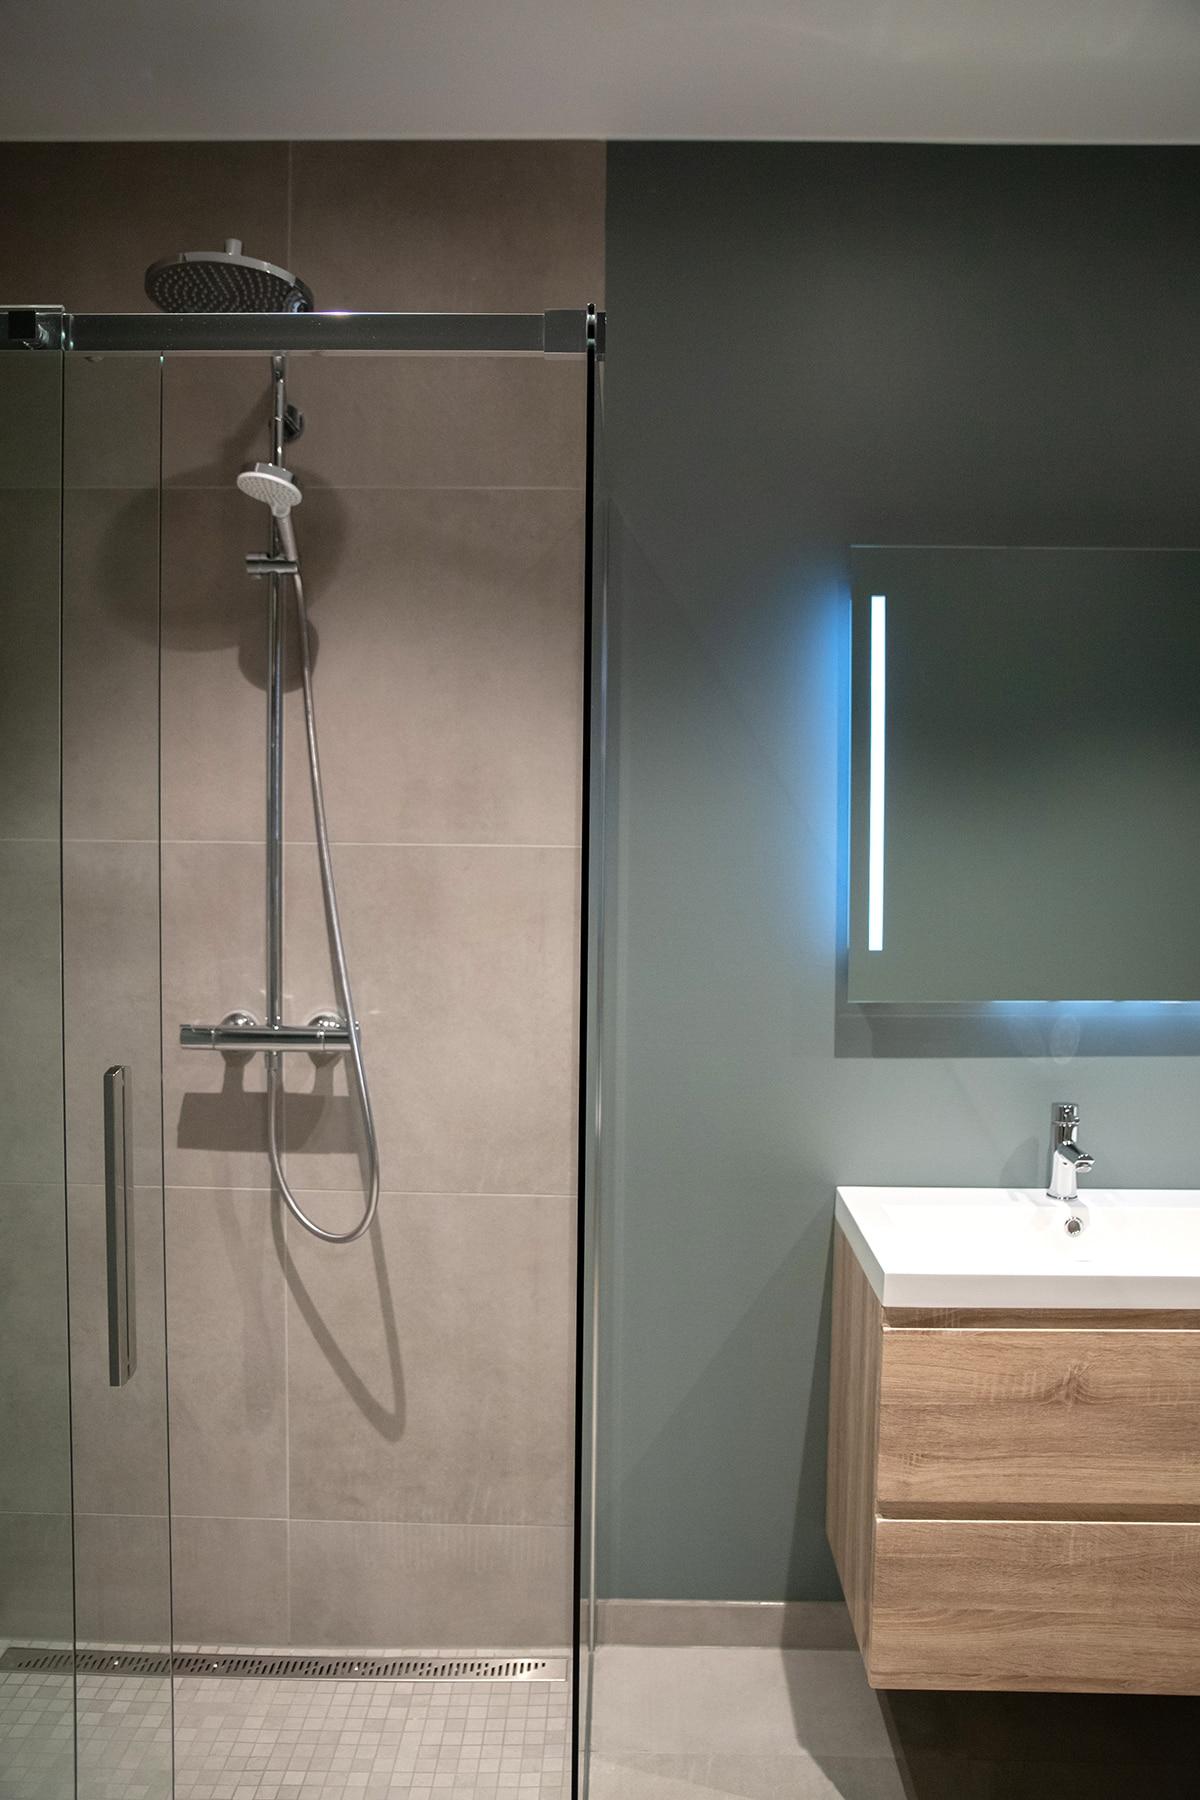 Grønt bad og flotte interiør detaljer - Villa jentoft i Haugesund